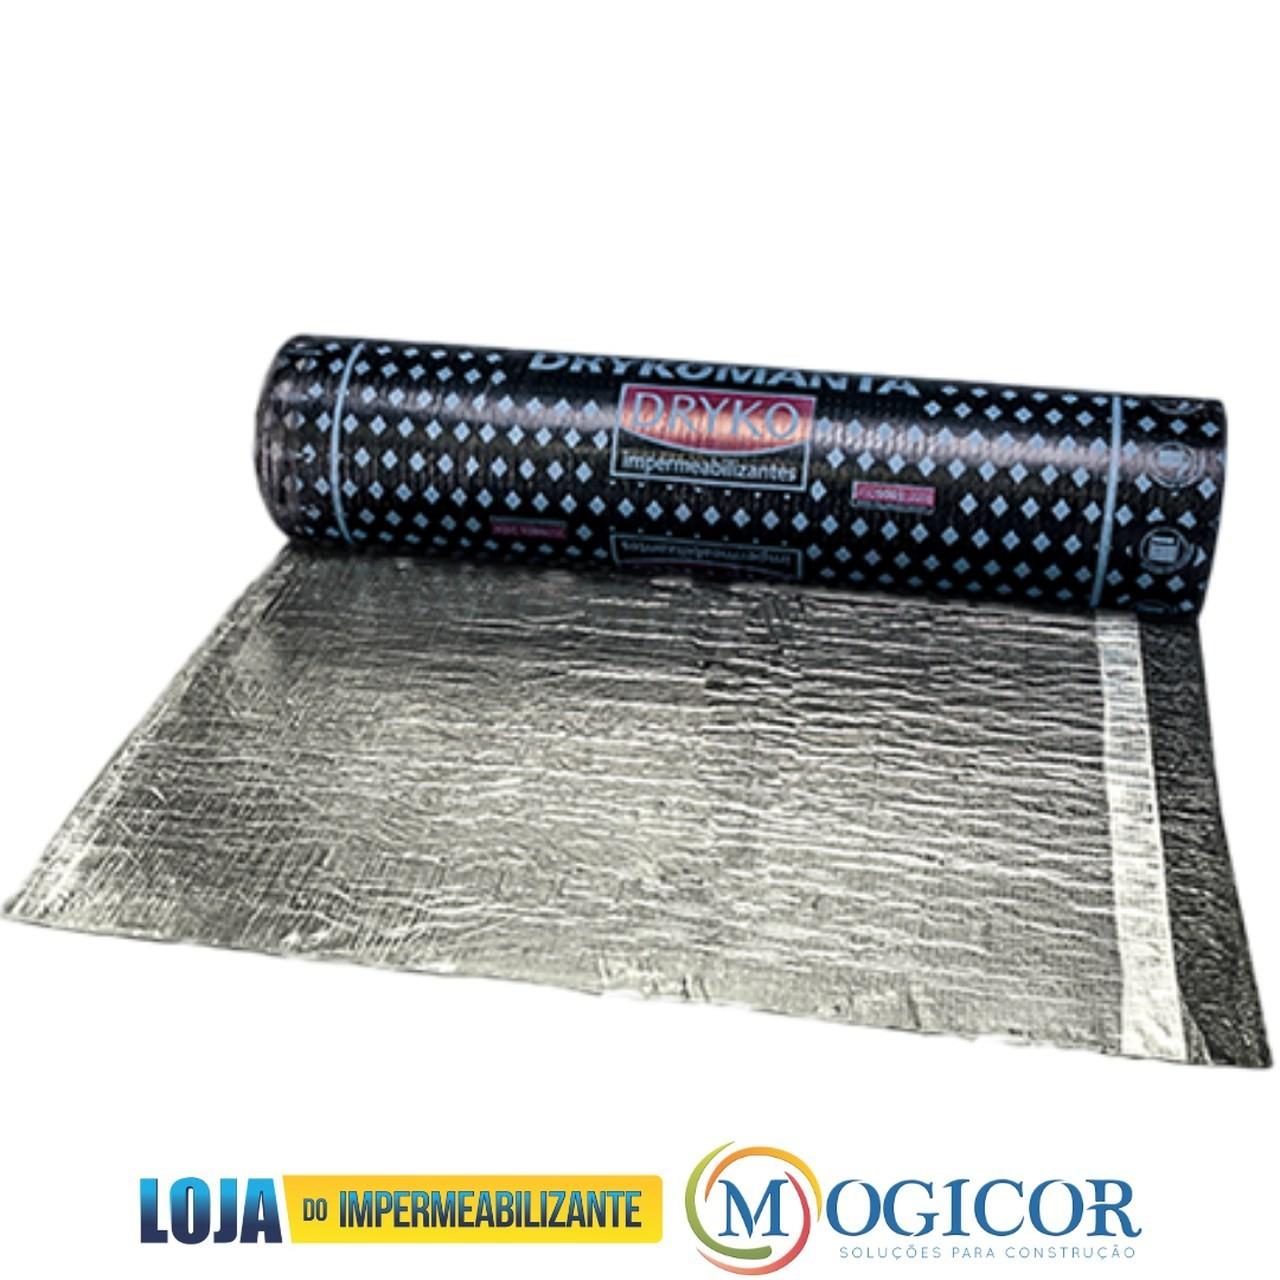 Manta Asfáltica Impermeabilizante c/ Alumínio 10m X 25kg p/ Lajes, Sheds, Calhas E Telhas Drykomanta